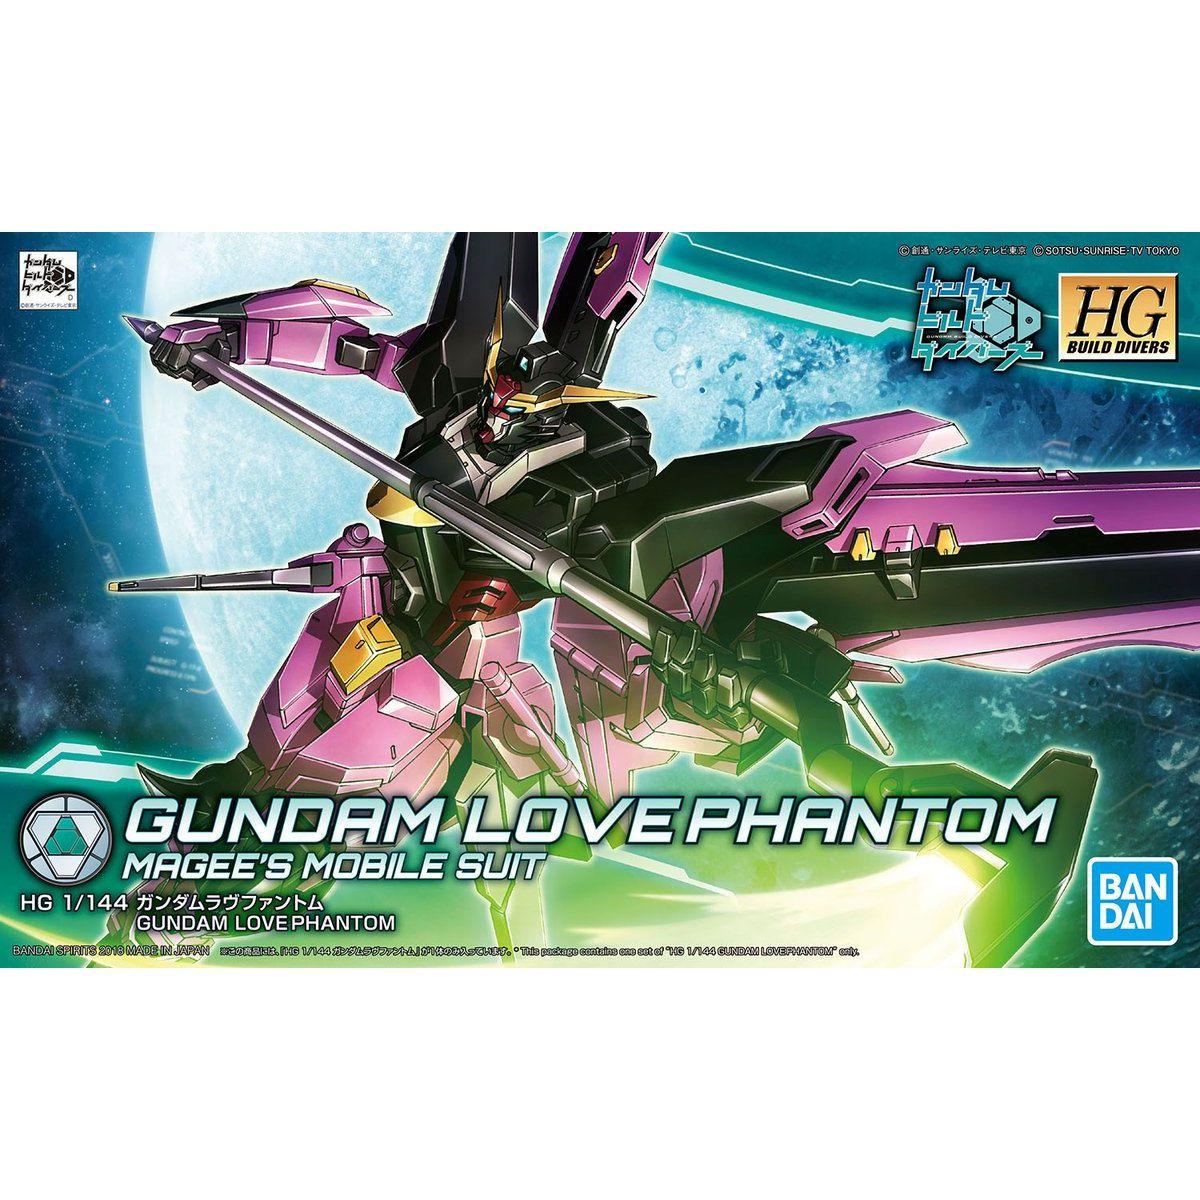 GUNDAM LOVE PHANTOM HG 1/144 Bandai